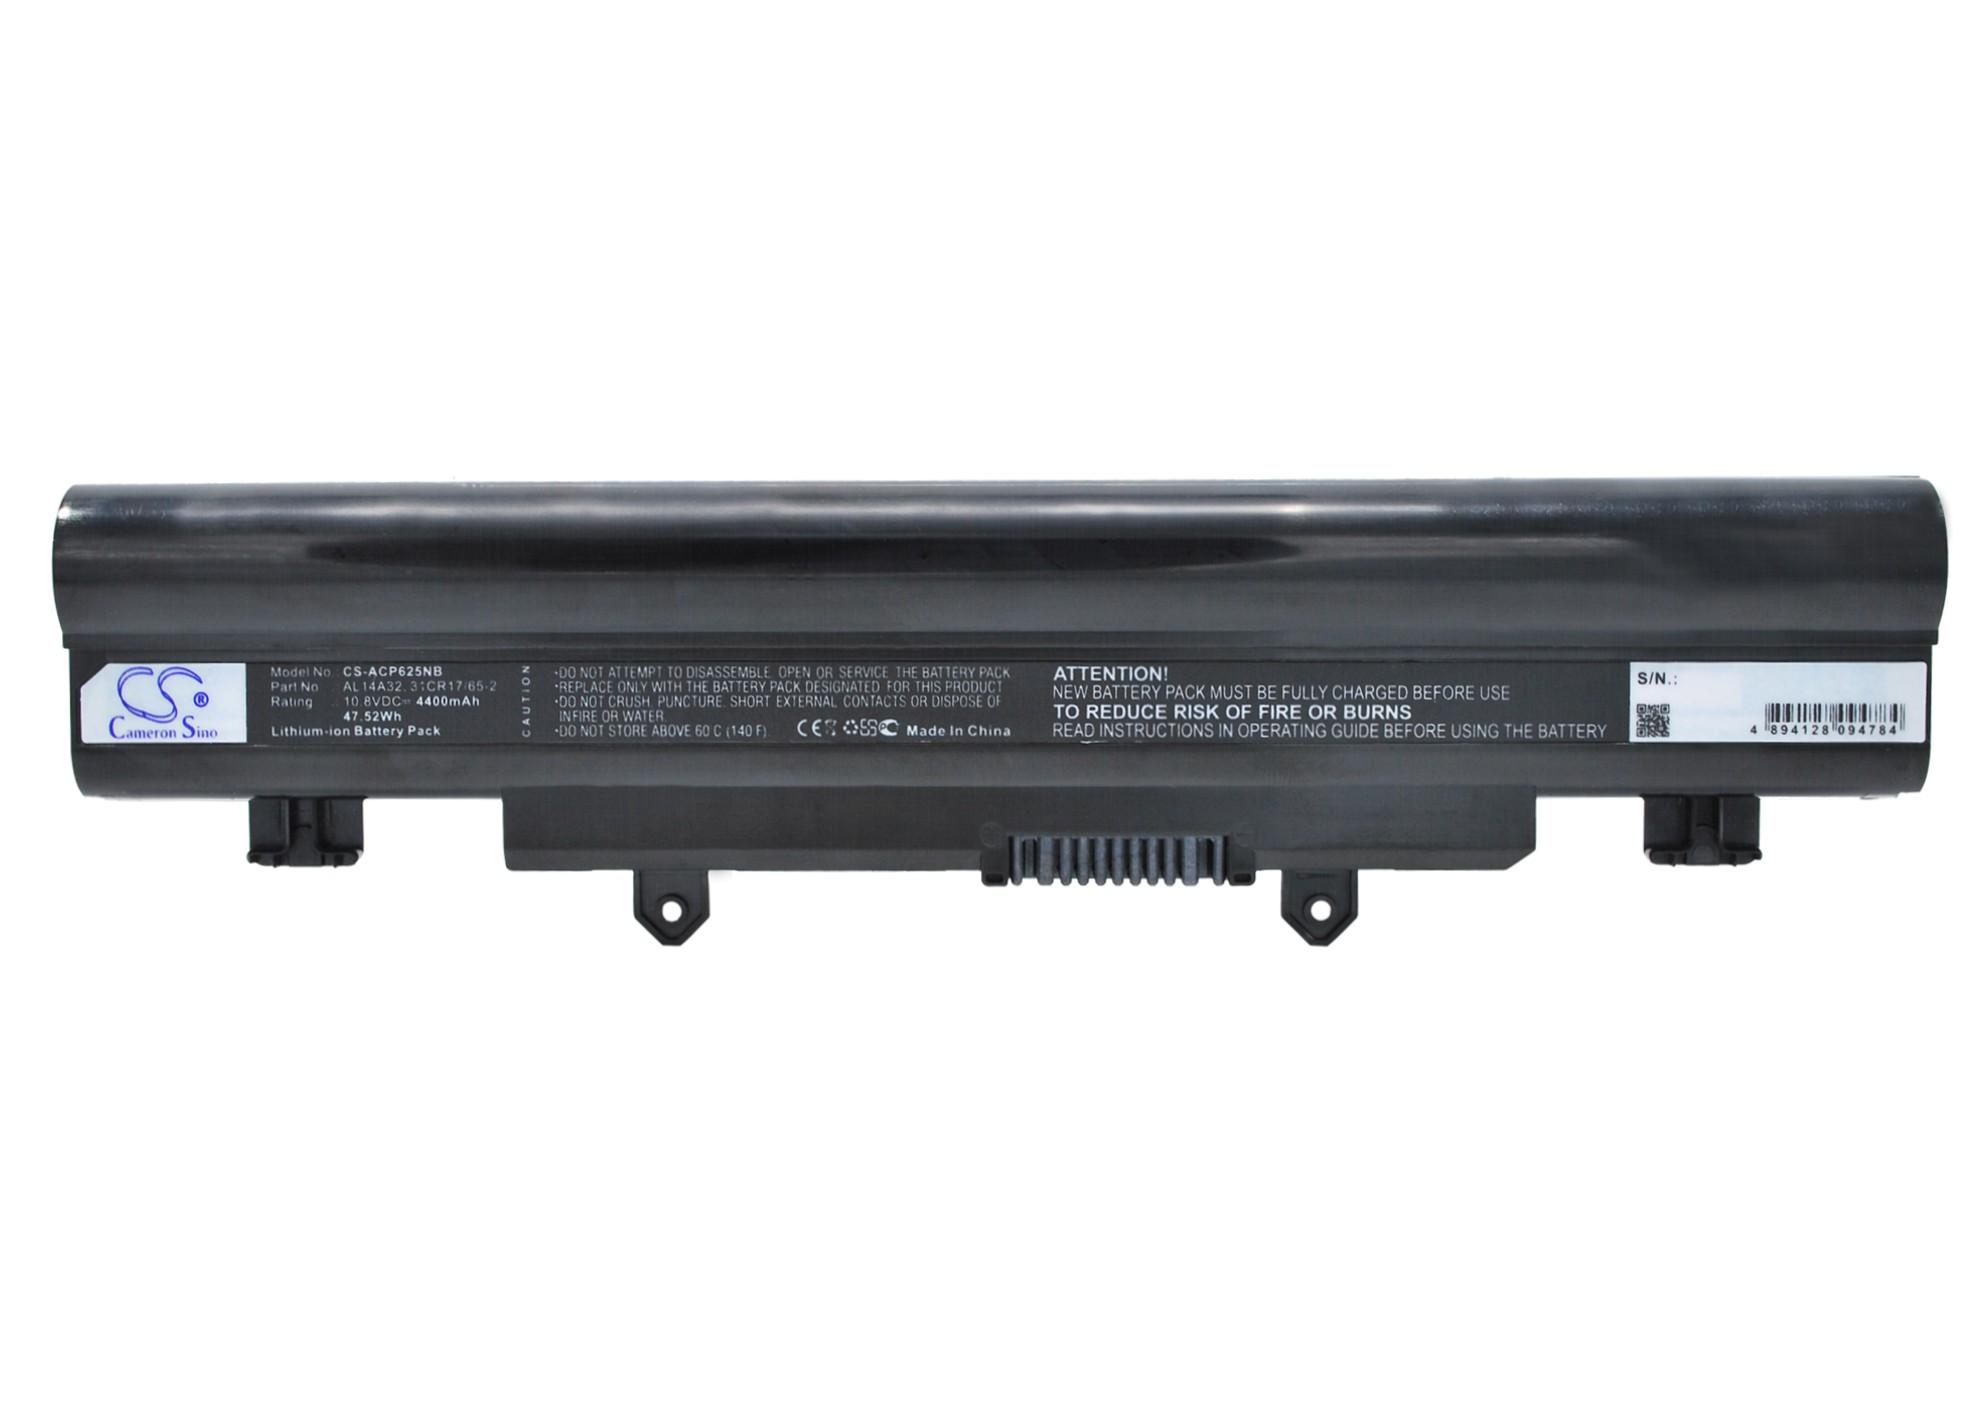 Cameron Sino baterie do notebooků pro ACER Aspire E5-521 10.8V Li-ion 4400mAh černá - neoriginální